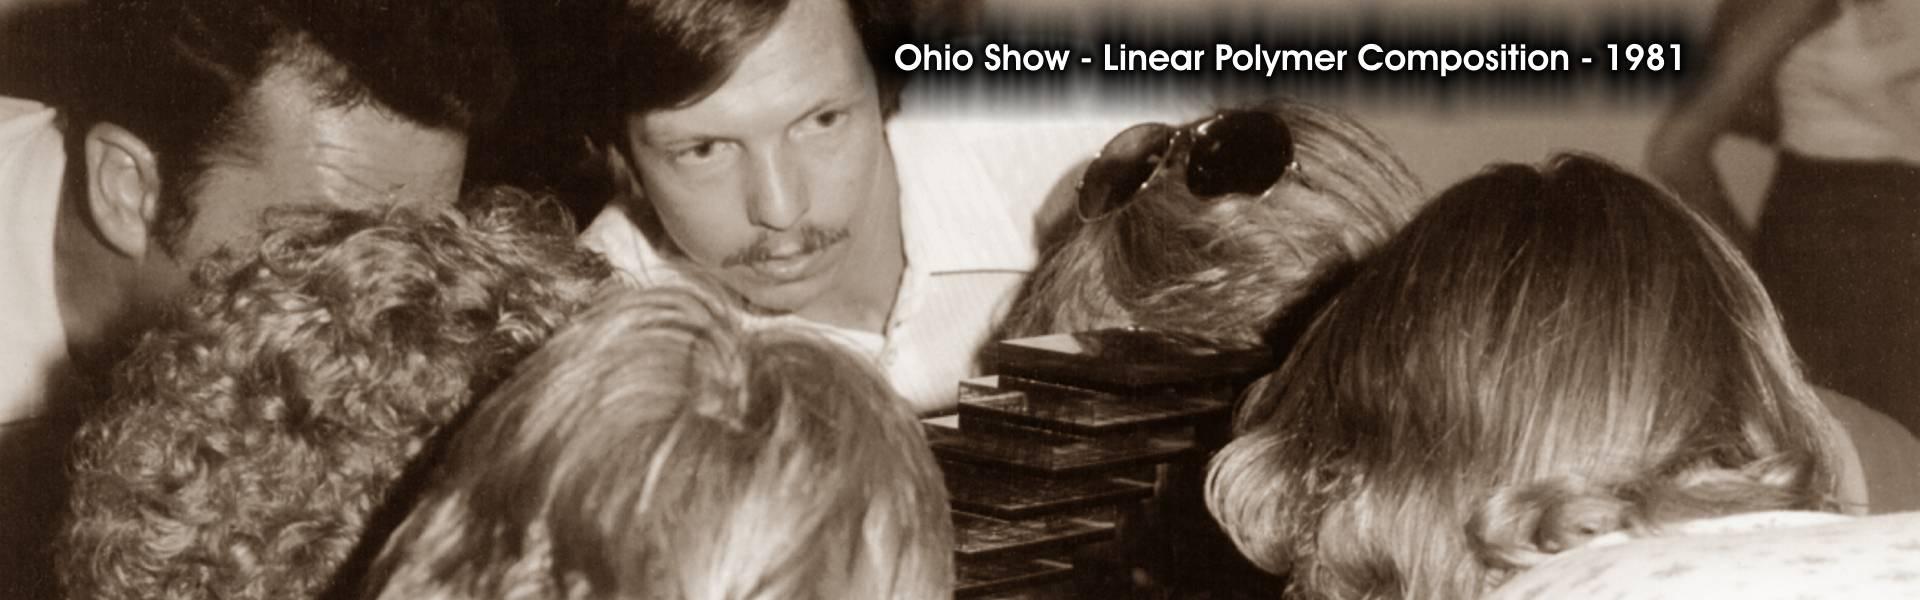 Ohio Show 1981